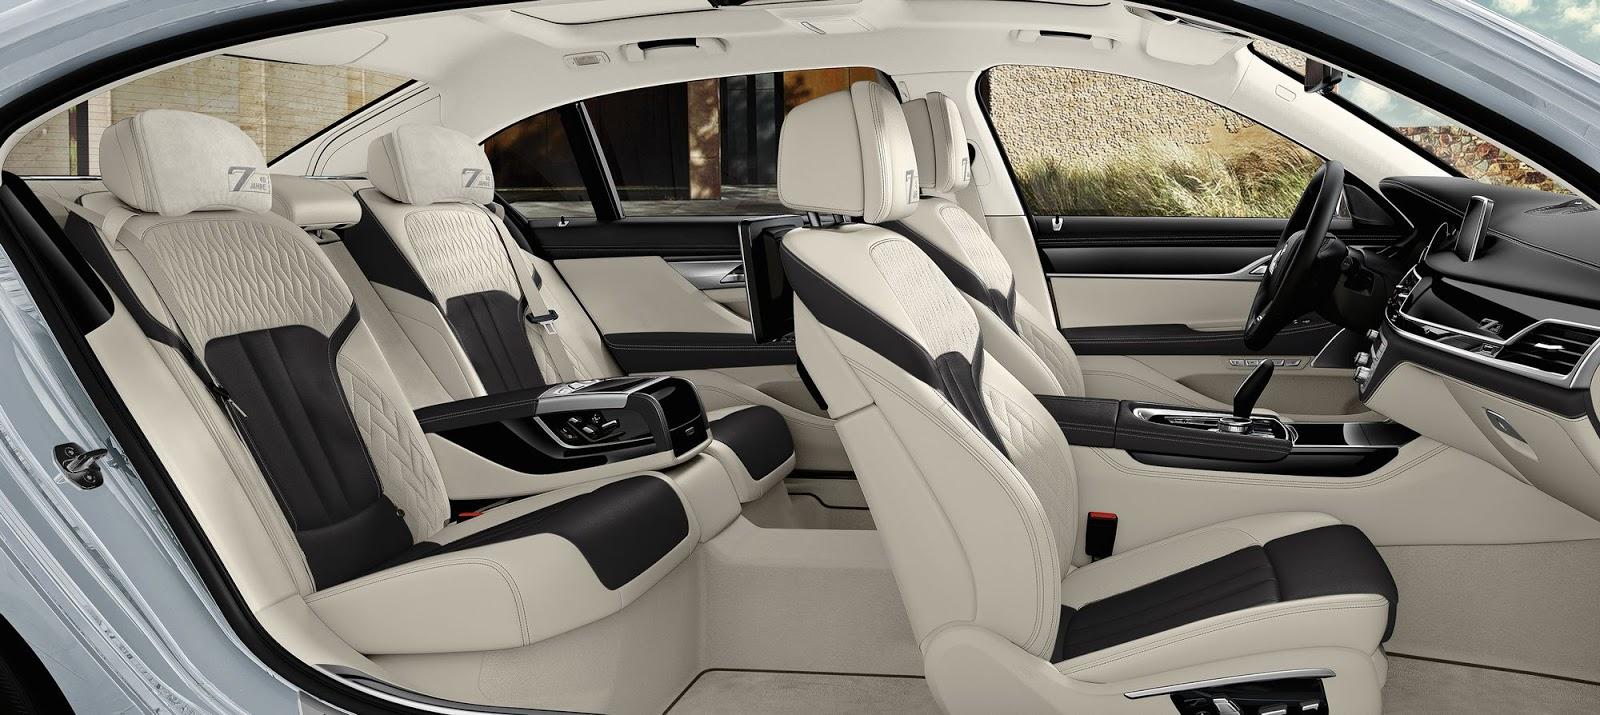 BMW-7-Series-40-Jahre-7